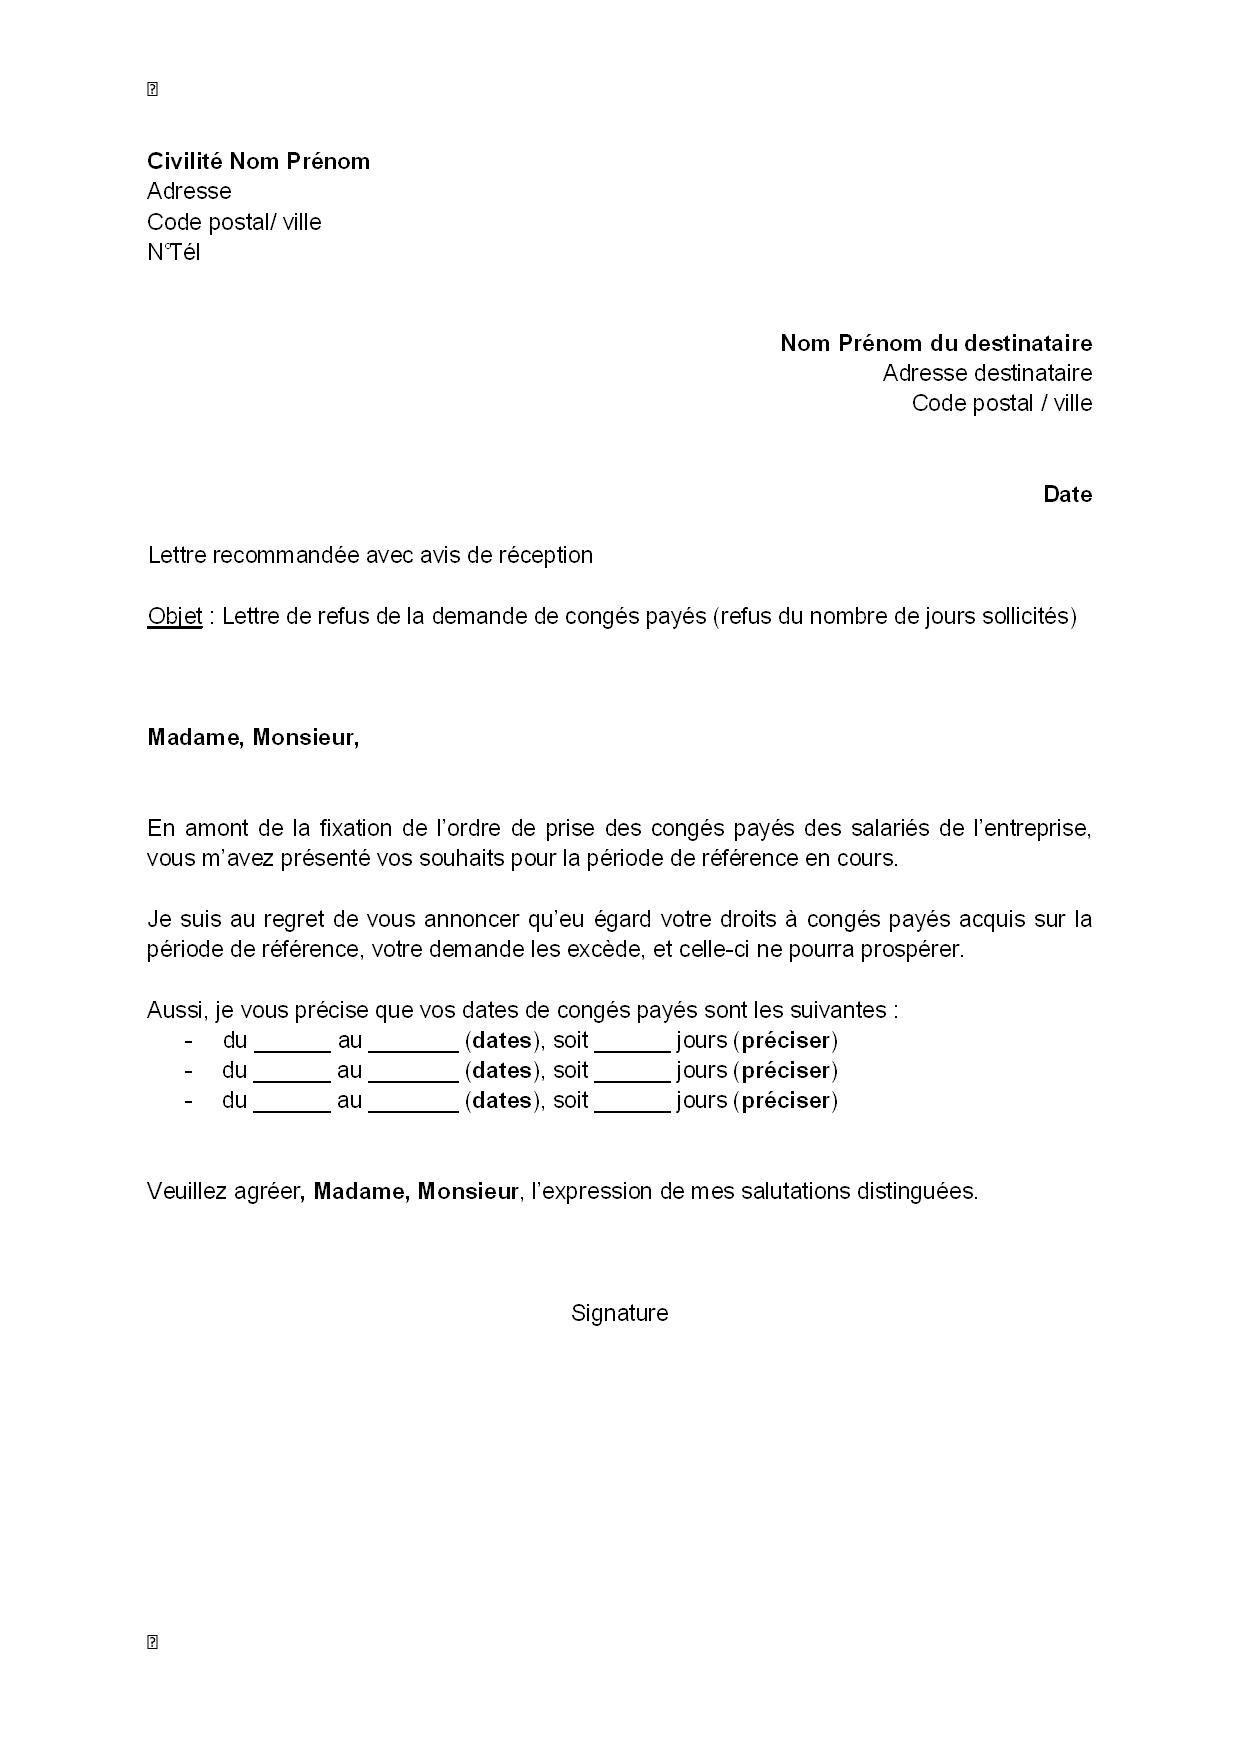 lettre de refus  par l u0026 39 employeur  de la demande de cong u00e9s